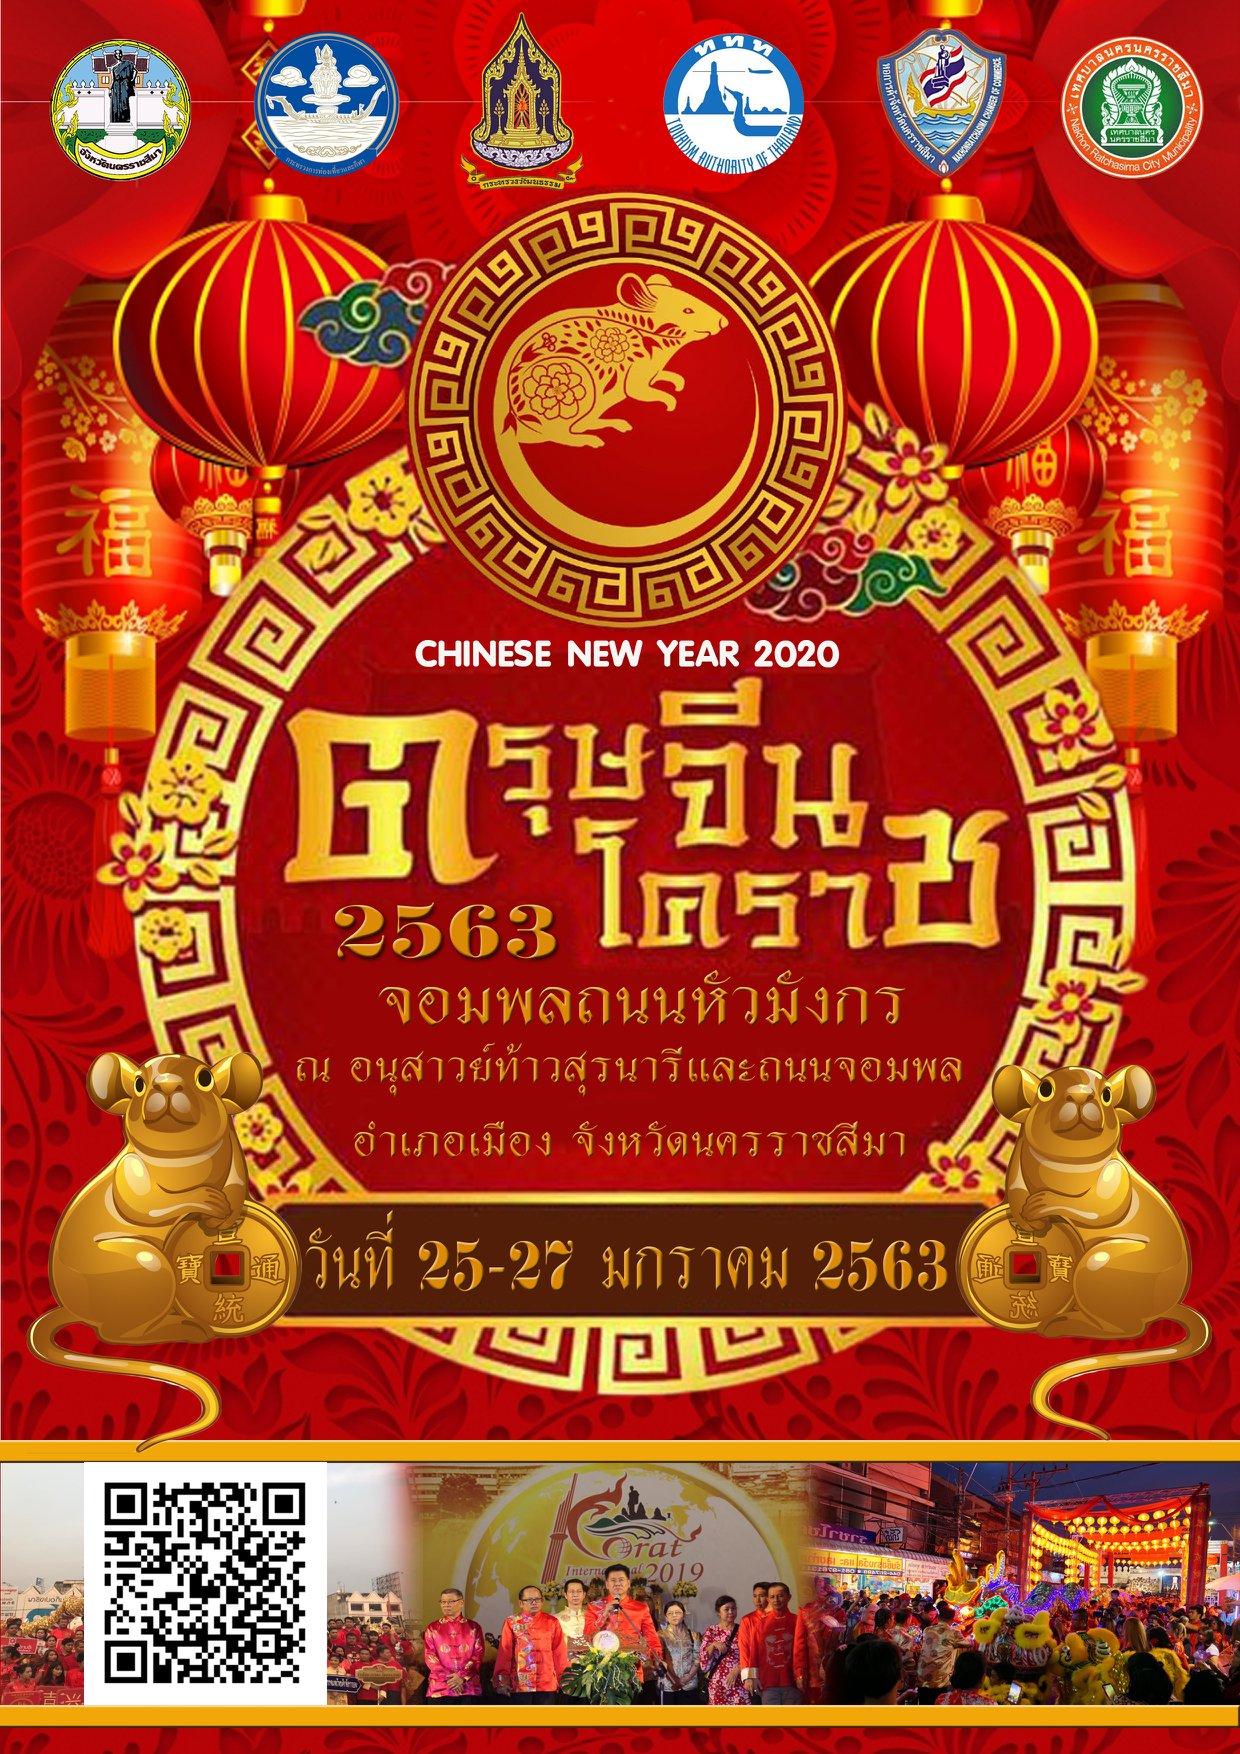 ตรุษจีนโคราช จอมพลถนนหัวมังกร 2563 Chinese New Year 2020